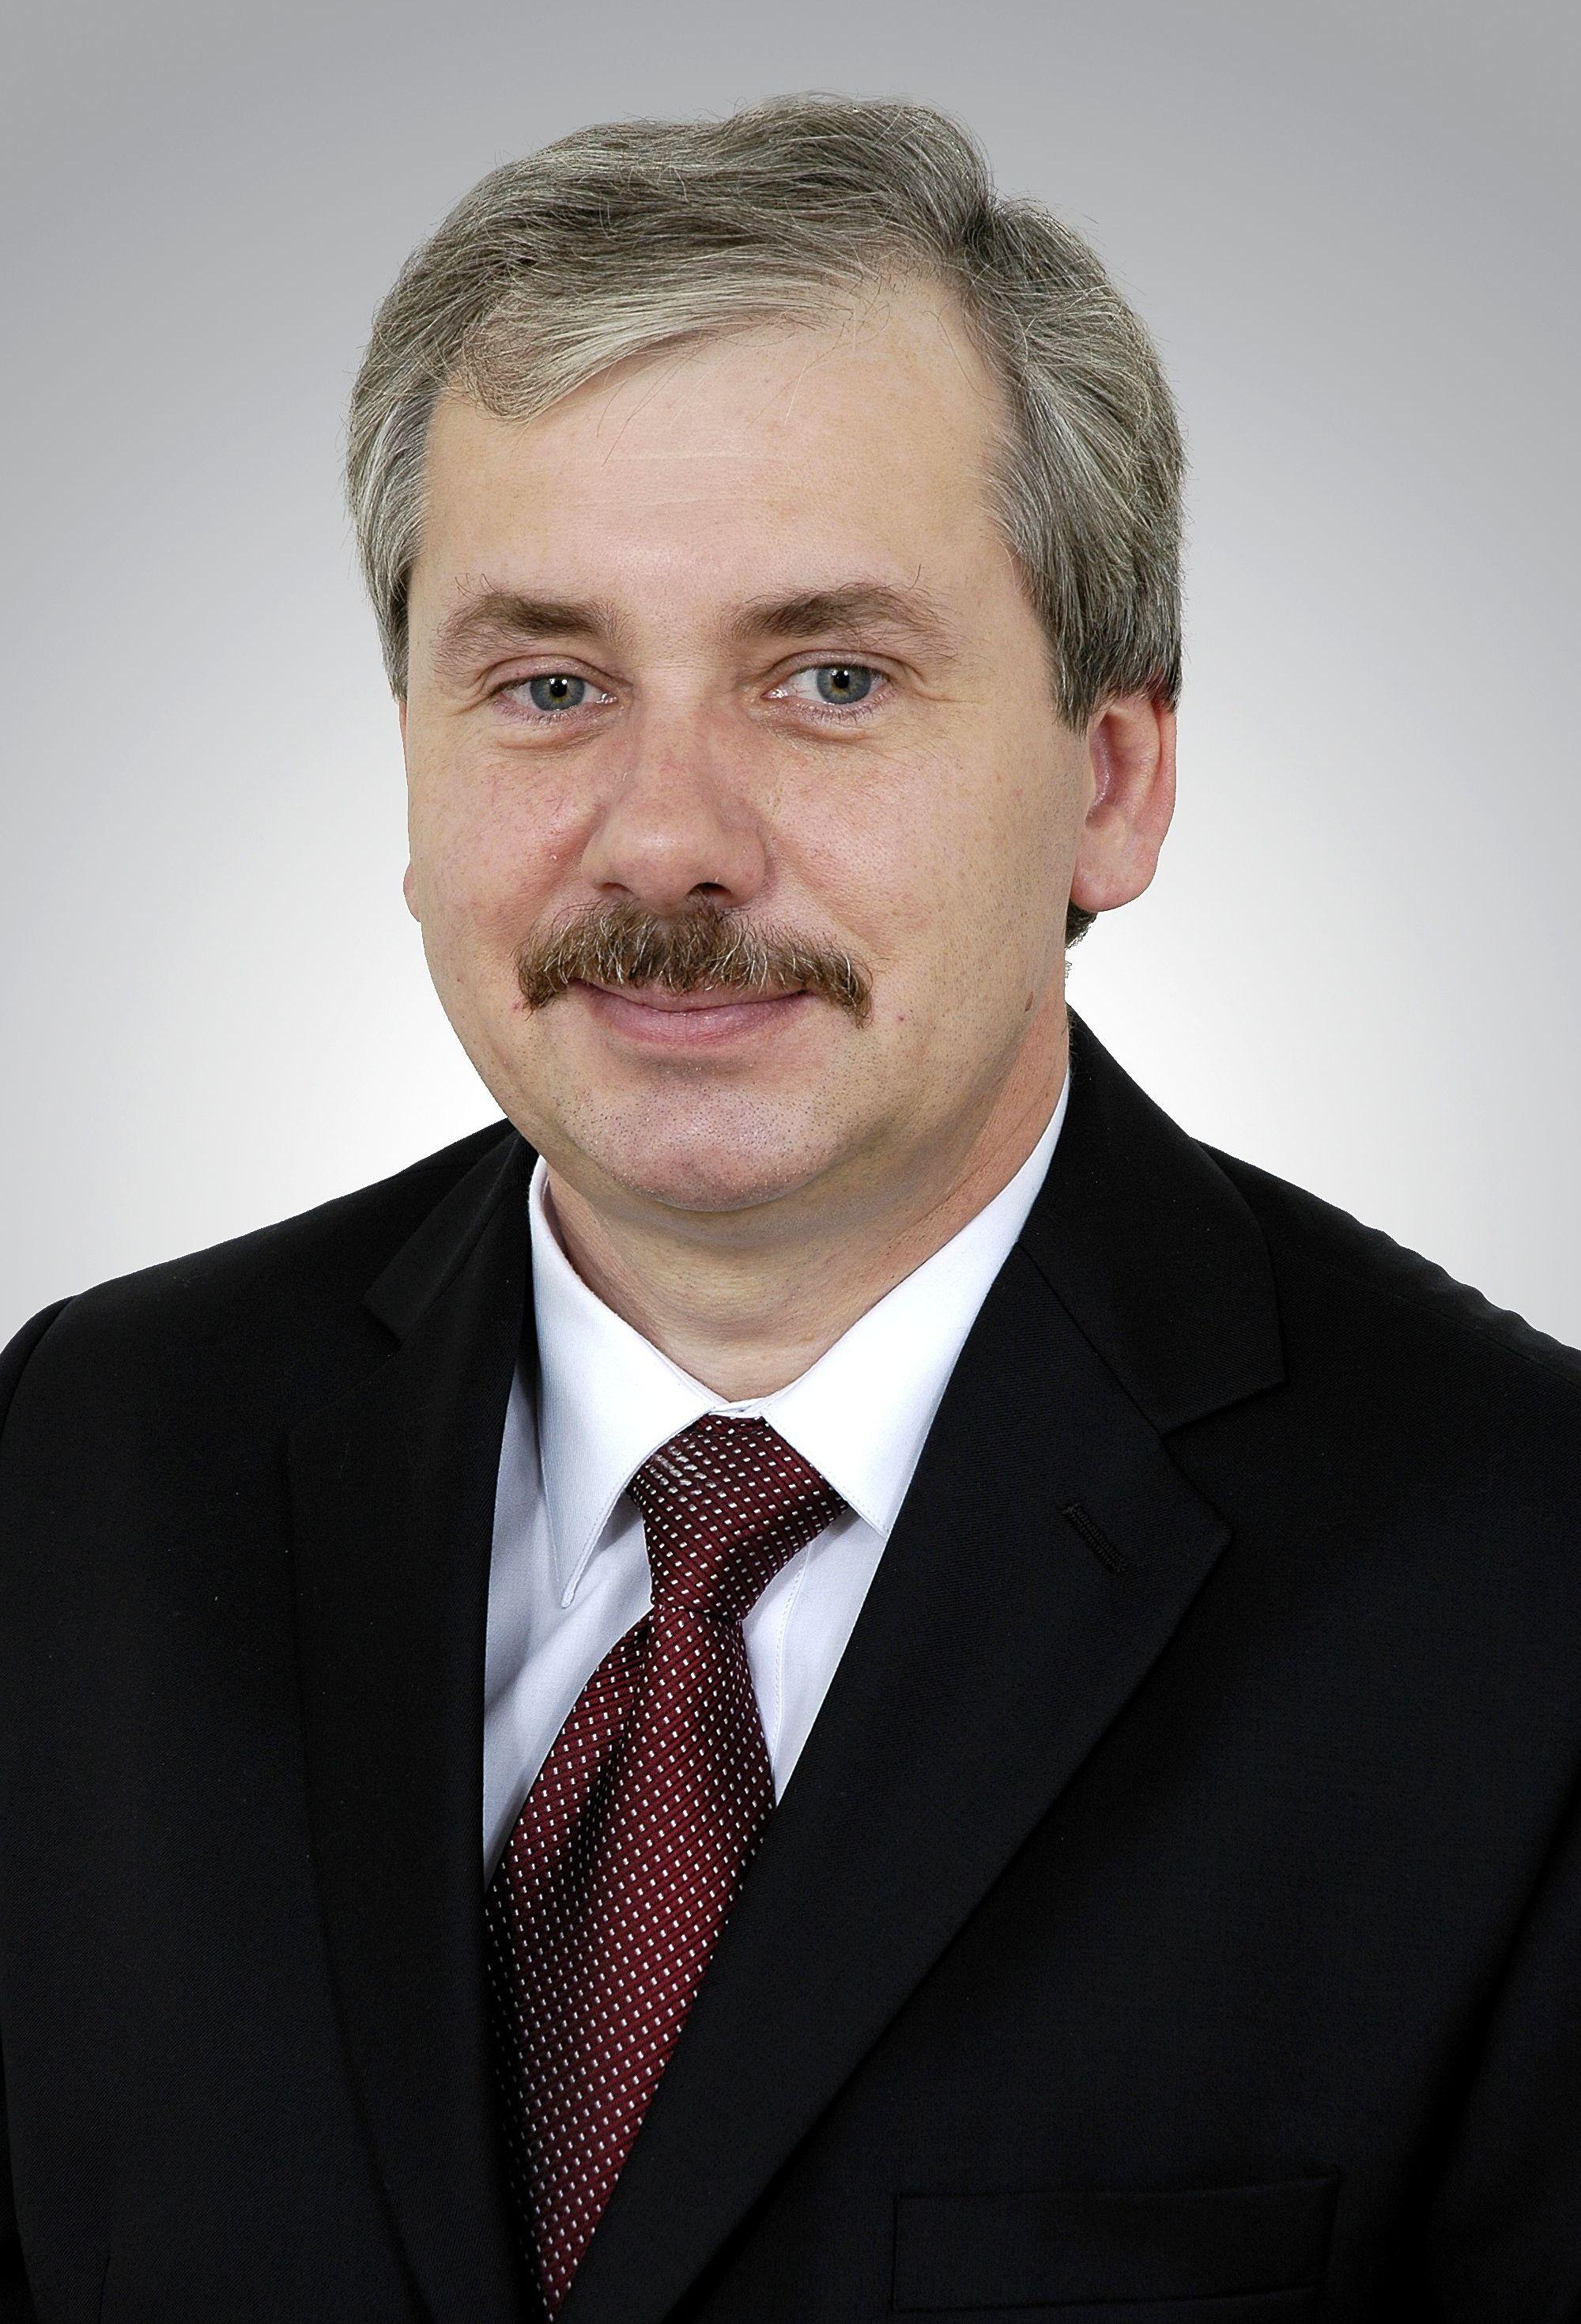 Výsledek obrázku pro konzul Slawomir Kowalski